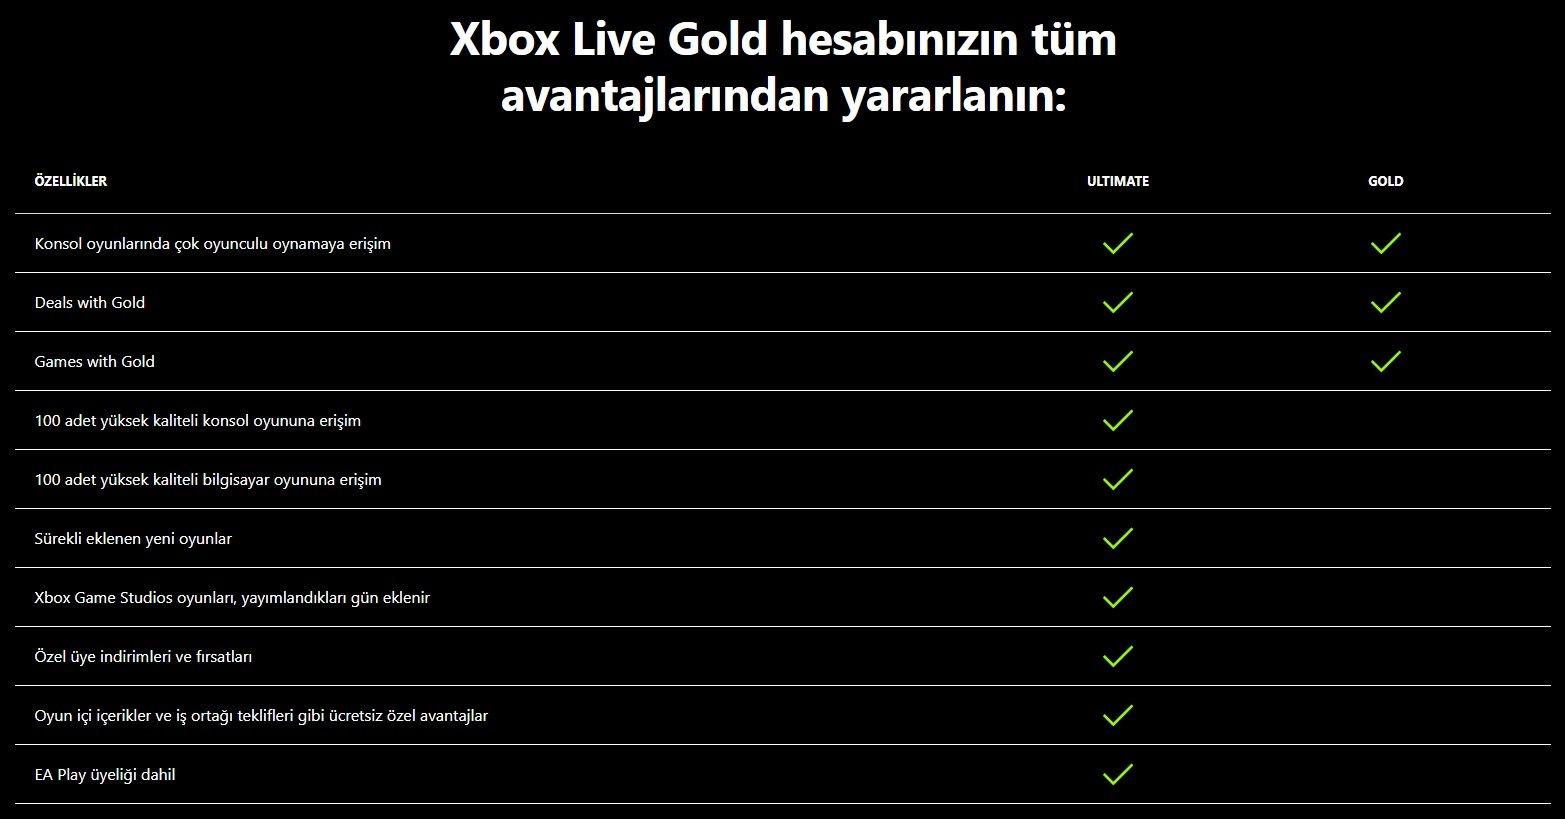 Xbox Live Gold Ücretsiz Oyunları ve Fiyat Artışı